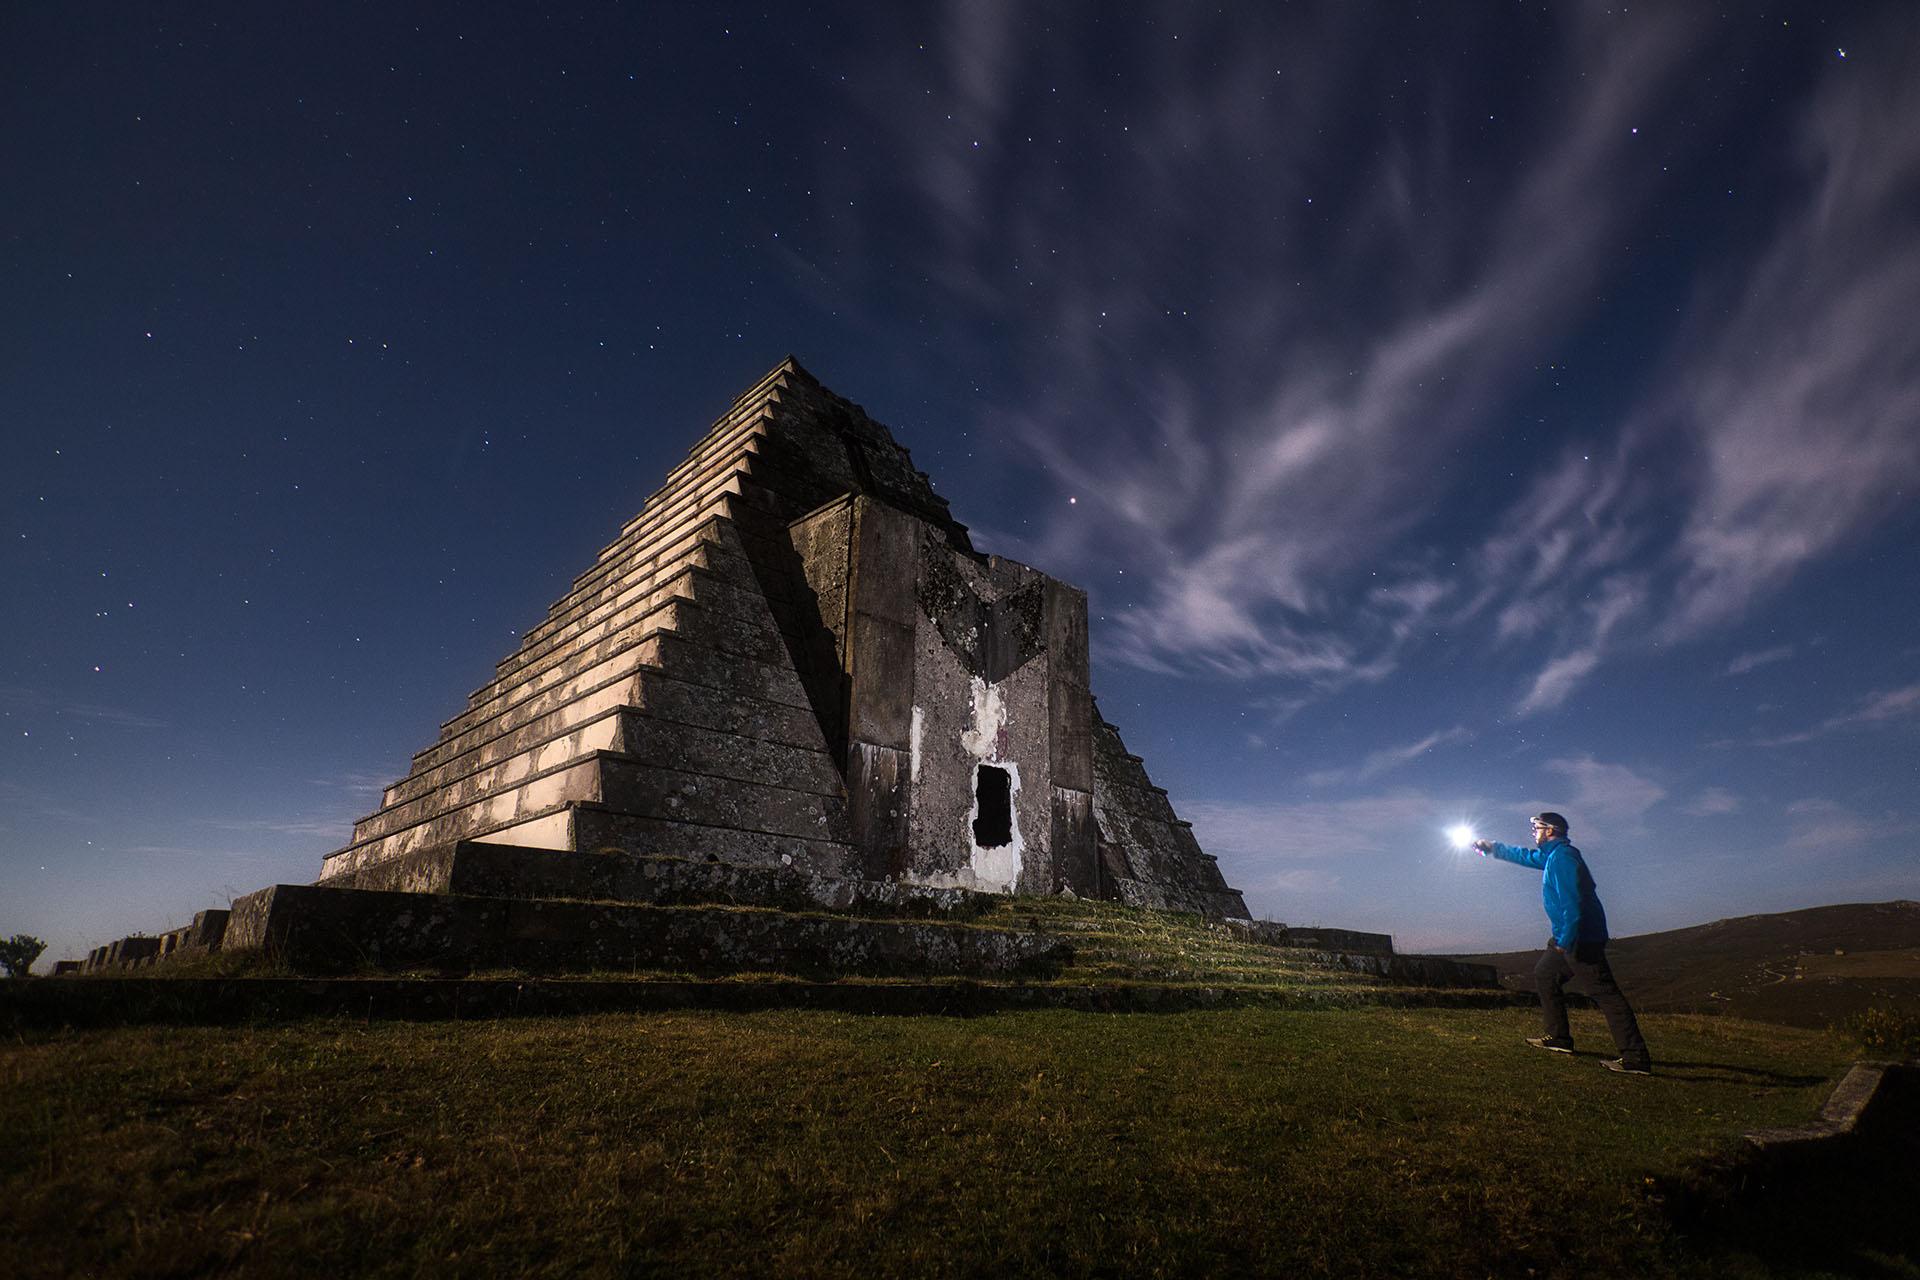 Fotografía nocturna en el Monumento a los Italianos, pirámide situada en la frontera de Burgos con Cantabria